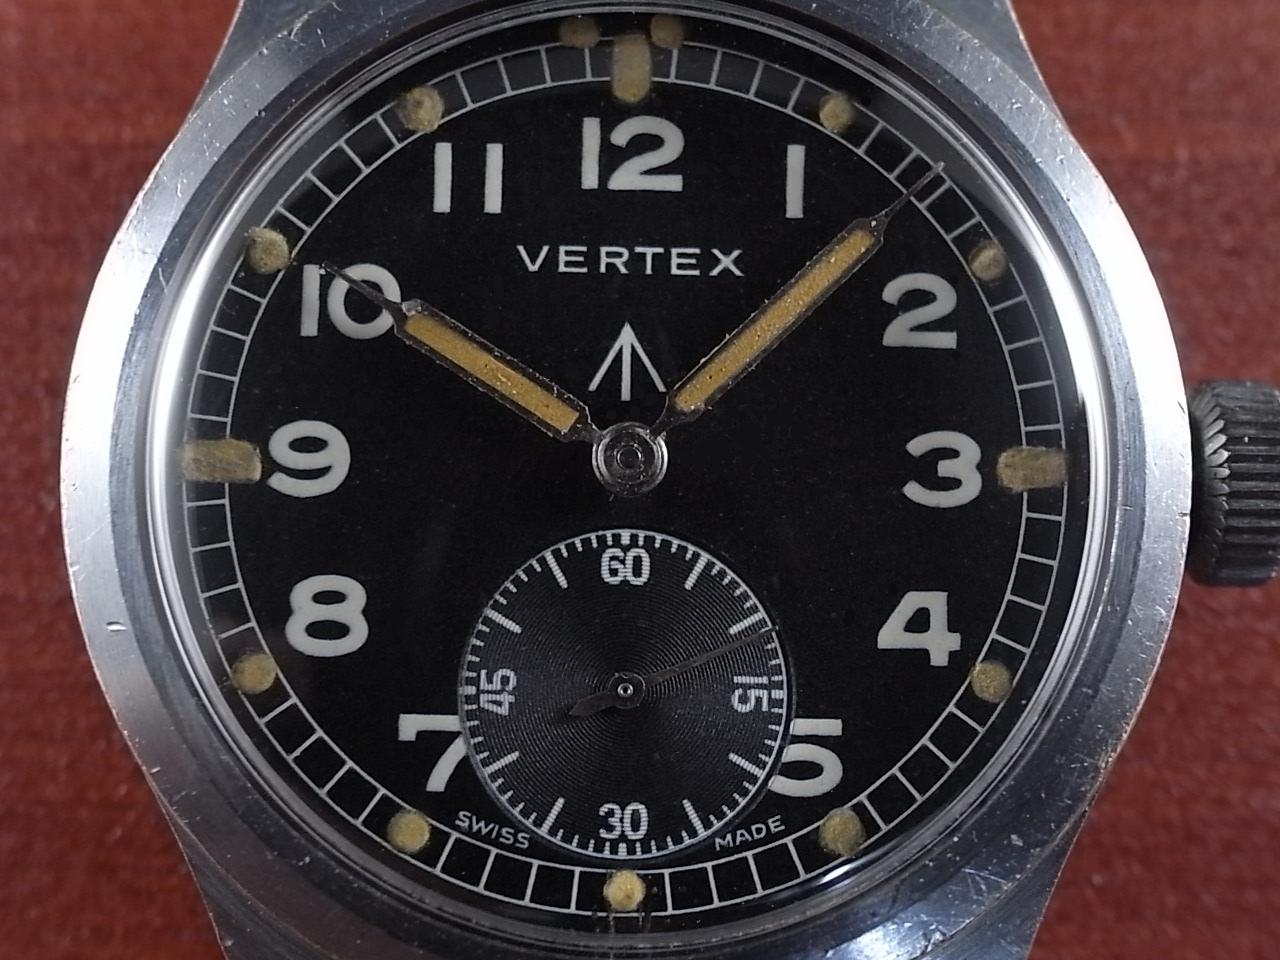 バーテックス 軍用時計 英陸軍 W.W.W. 1940年代の写真2枚目